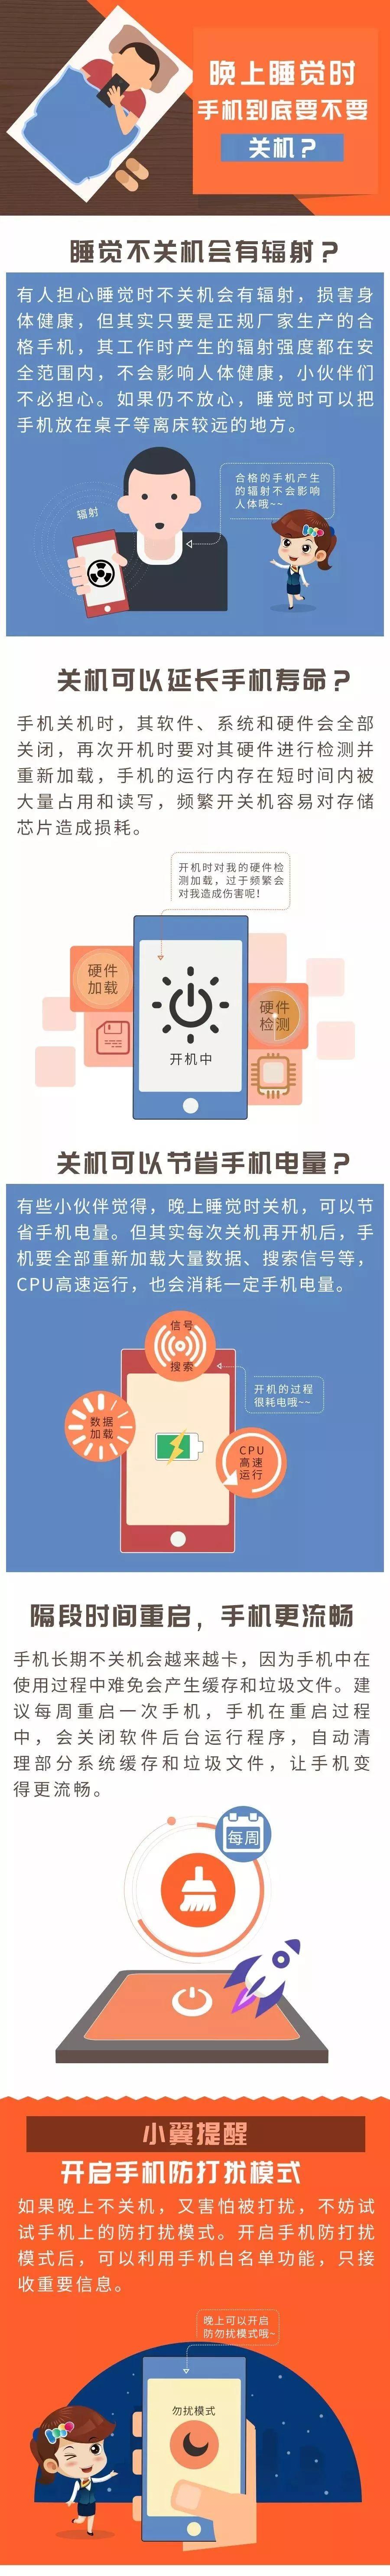 来源:中国电信客服 微信公众号